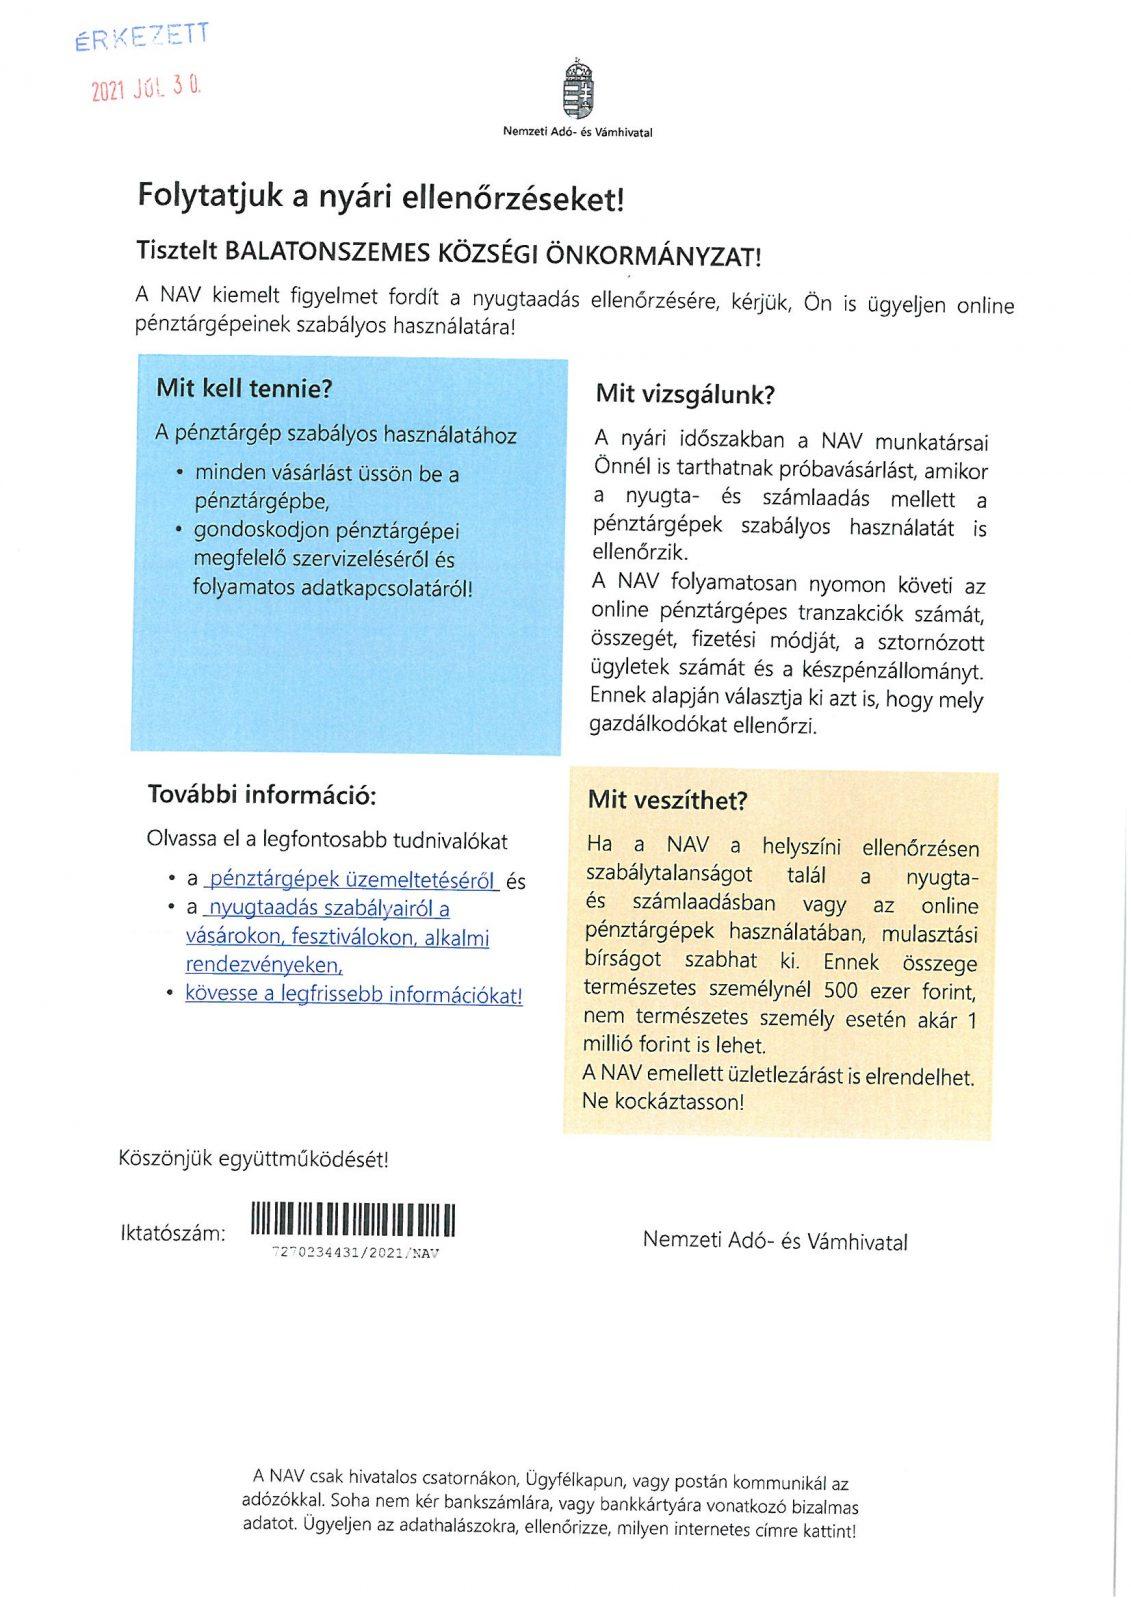 SKMBT C36021073012280 NAV ellenőrzés